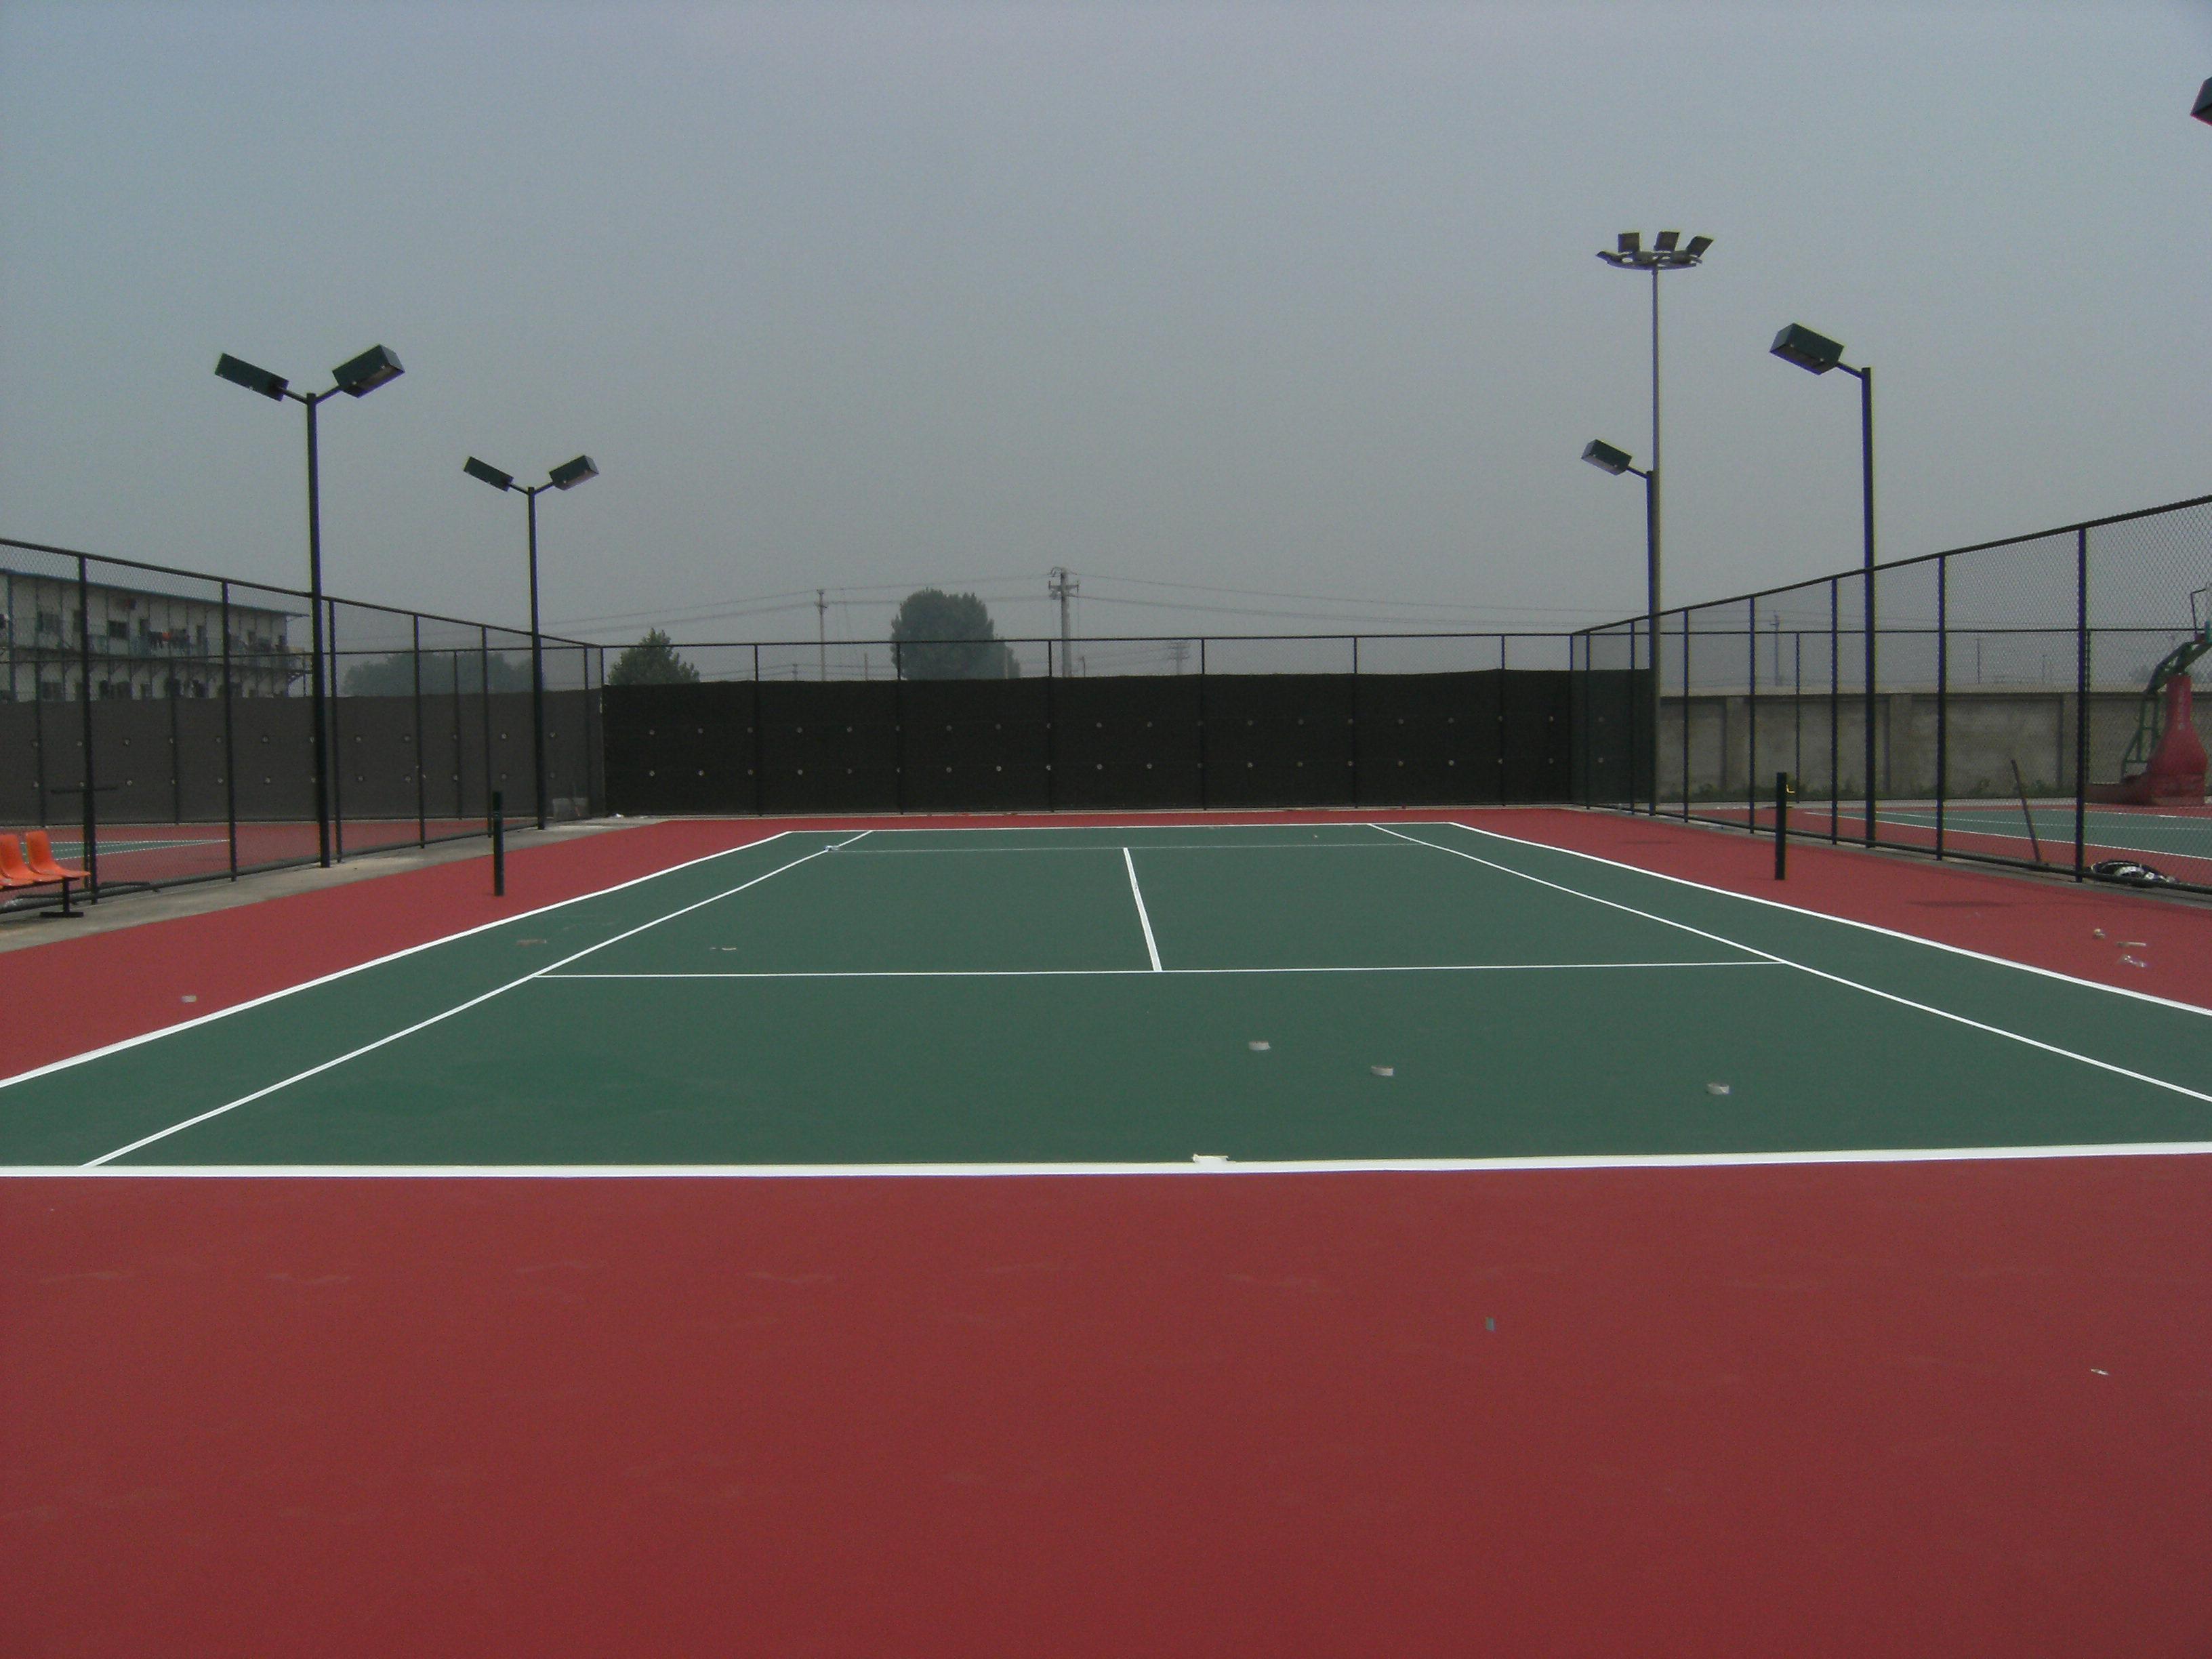 网球场_公园网球场摄影图__体育运动_文化艺术_摄影